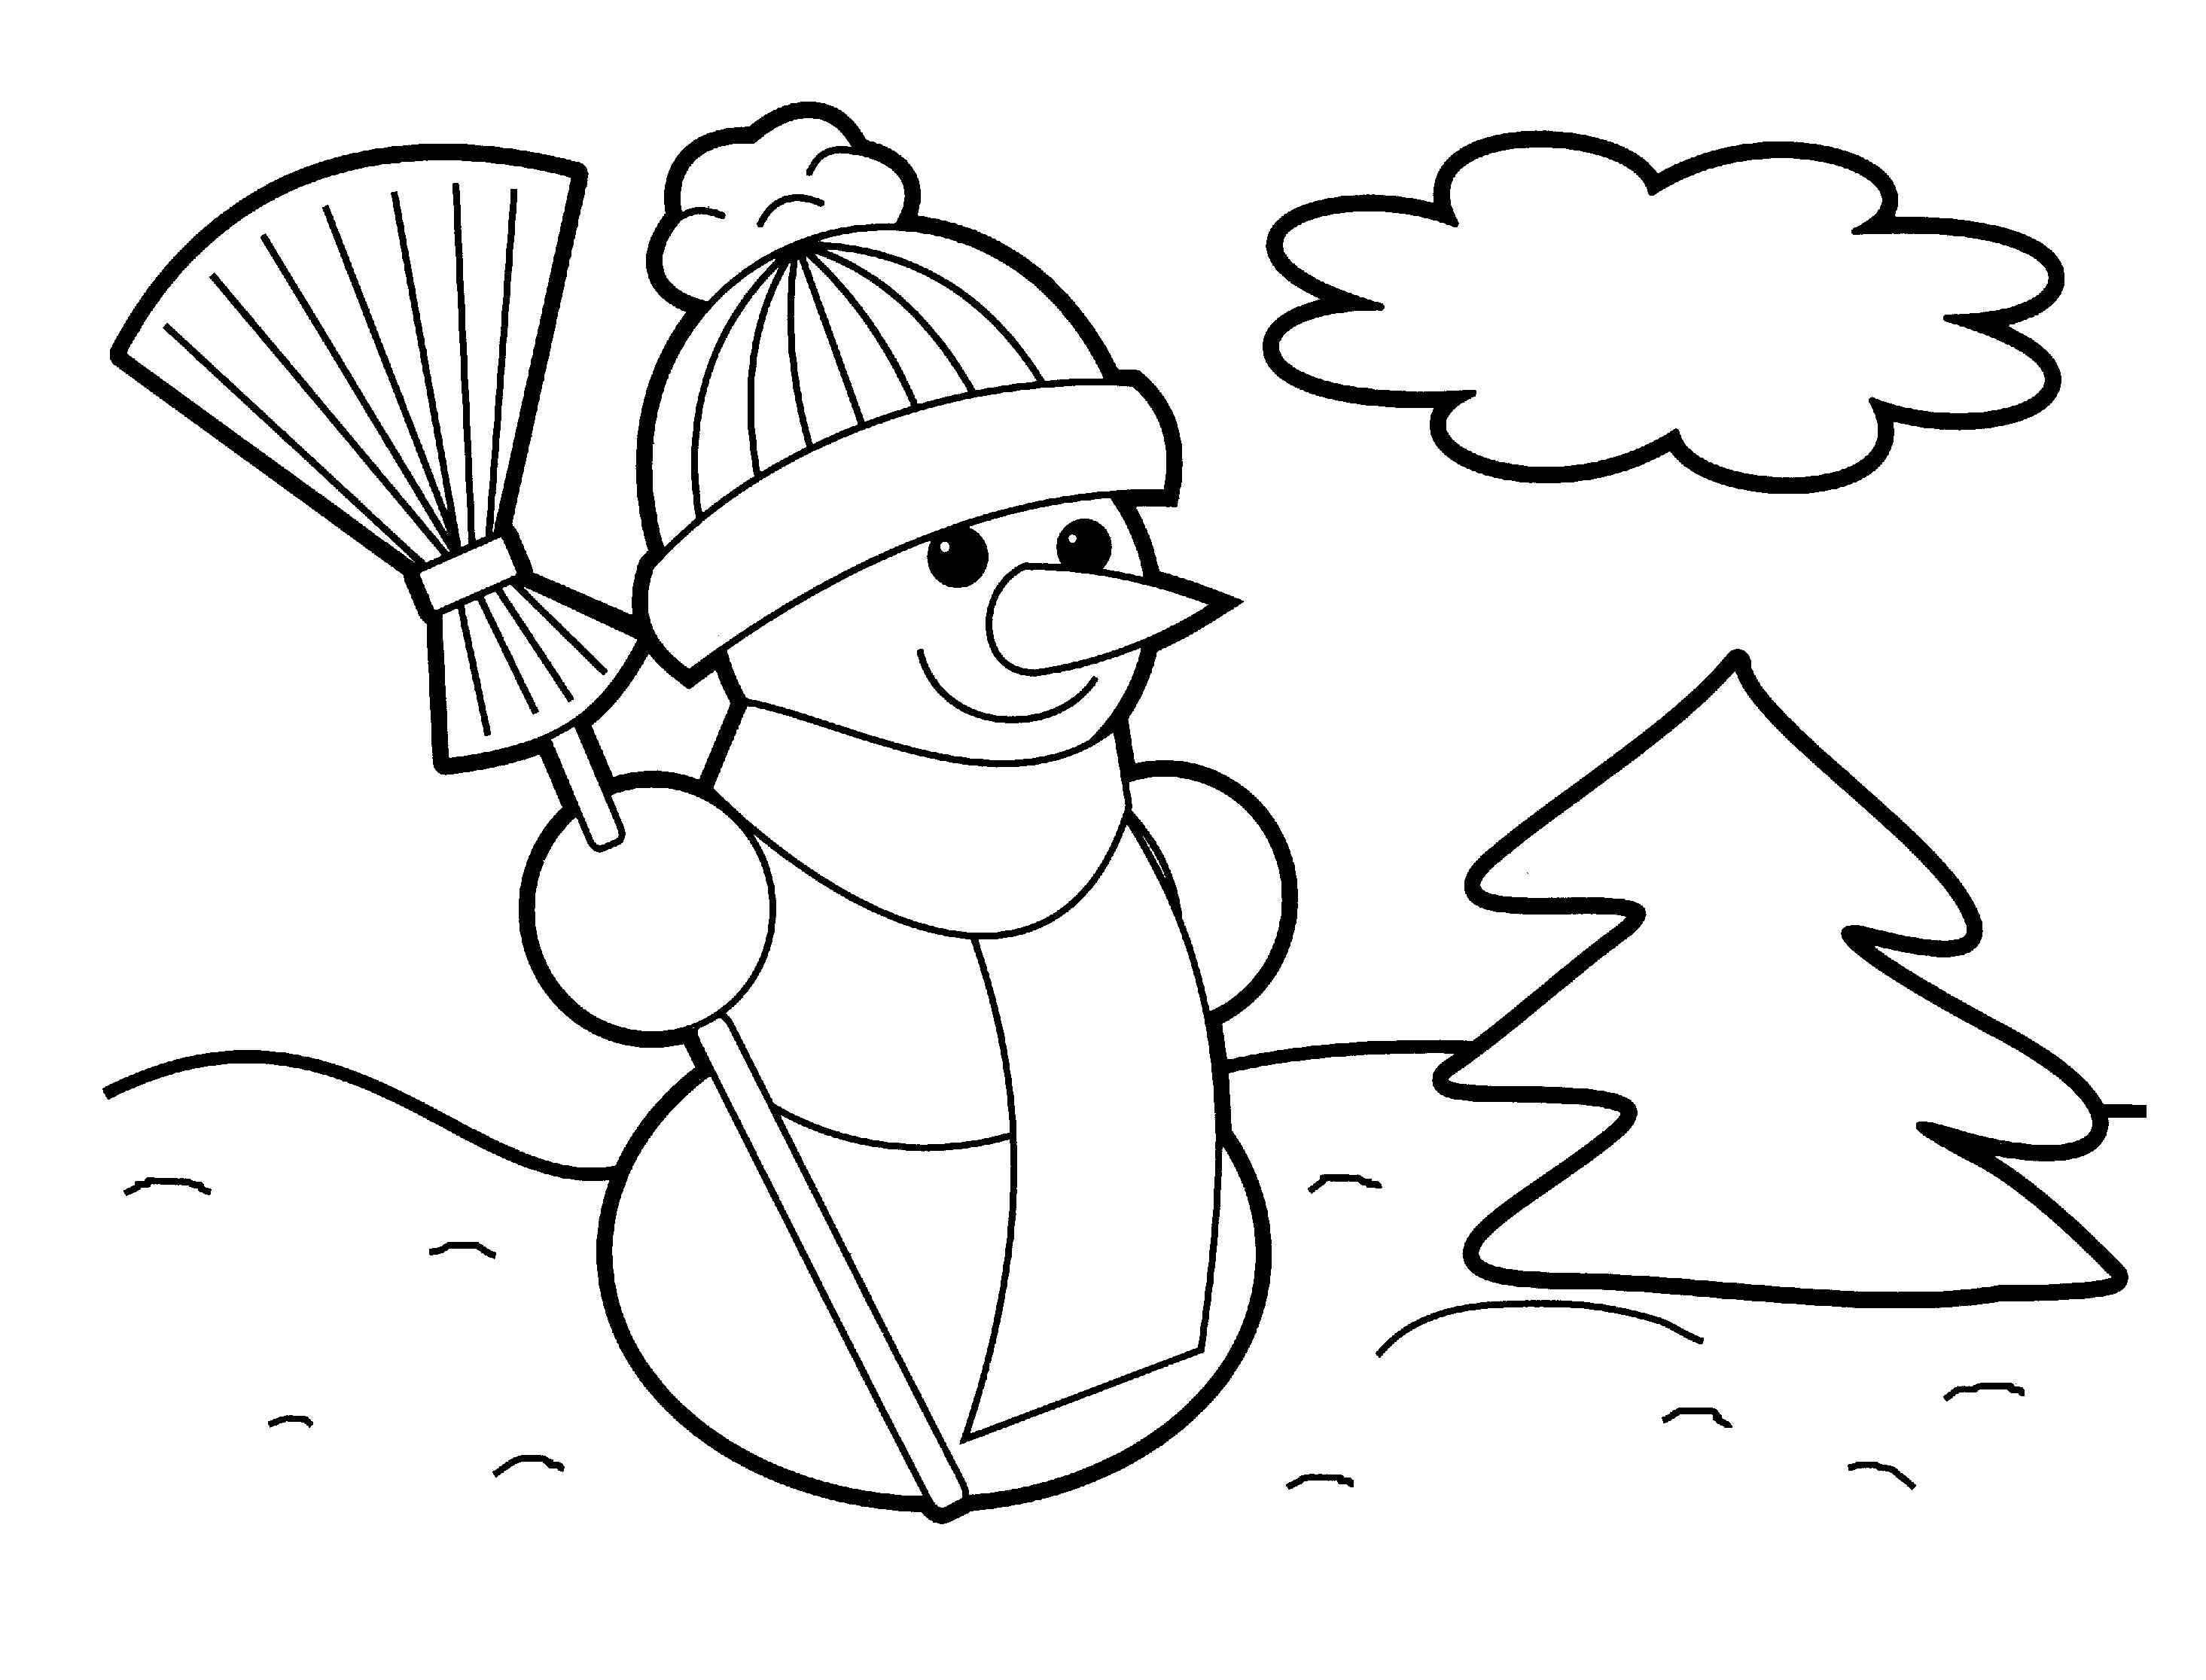 childrens christmas colouring christmas coloring pages 1 coloring kids colouring christmas childrens